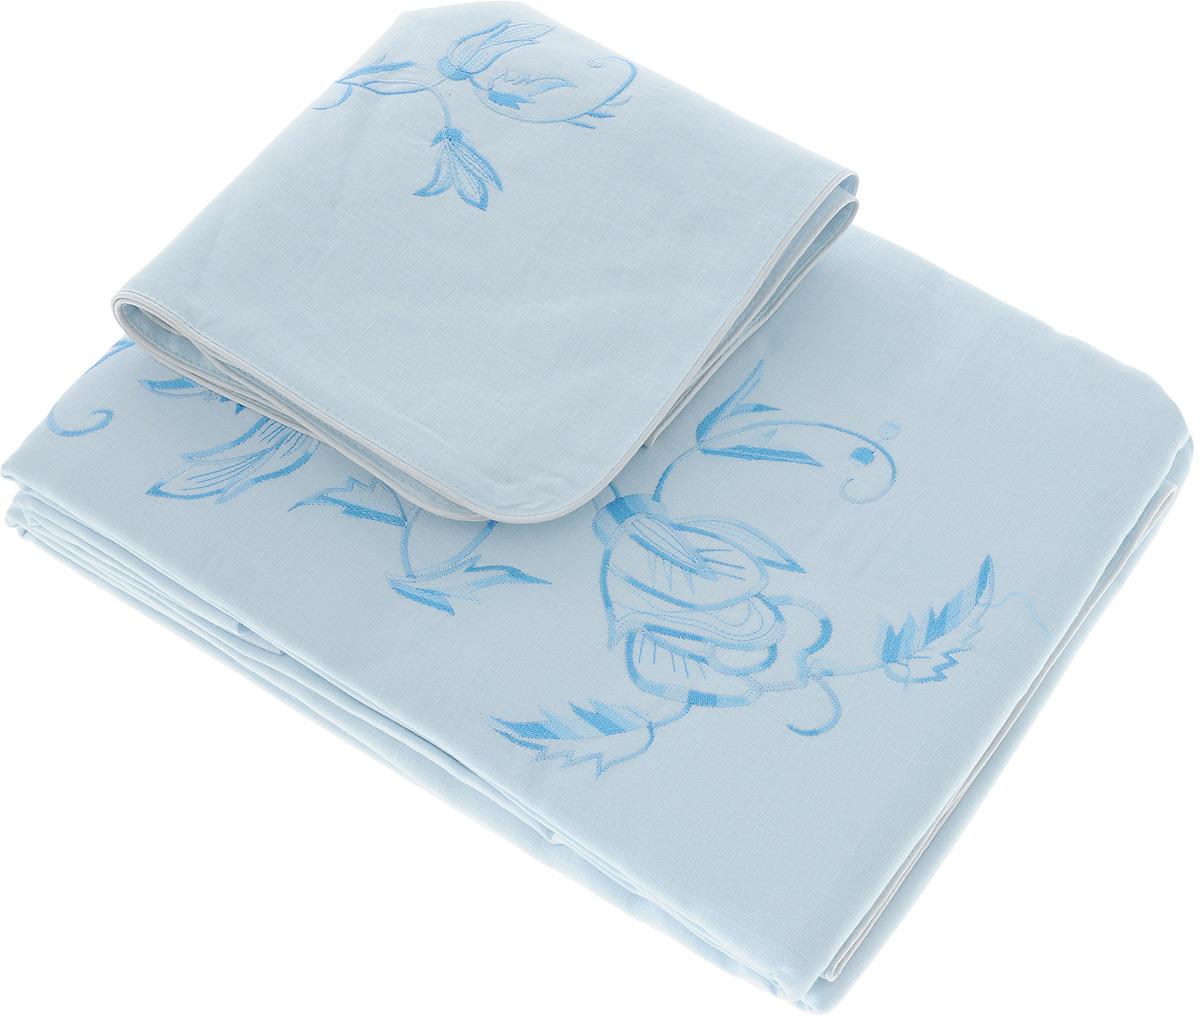 Комплект белья Гаврилов-Ямский Лен, 2-спальный, наволочки 70х70, цвет: голубой, синий5со5939_вышивка голубой,белыйКомплект постельного белья Гаврилов-Ямский Лен выполнен из 100% льна. Комплект состоит из пододеяльника, простыни и двух наволочек. Постельное белье, оформленное вышивкой и кантом, имеет изысканный внешний вид. Лен - поистине уникальный природный материал, экологичнее которого сложно придумать. Постельное белье из льна даст вам ощущение прохлады в жаркую ночь и согреет в холода. Приобретая комплект постельного белья Гаврилов-Ямский Лен, вы можете быть уверены в том, что покупка доставит вам и вашим близким удовольствие и подарит максимальный комфорт.